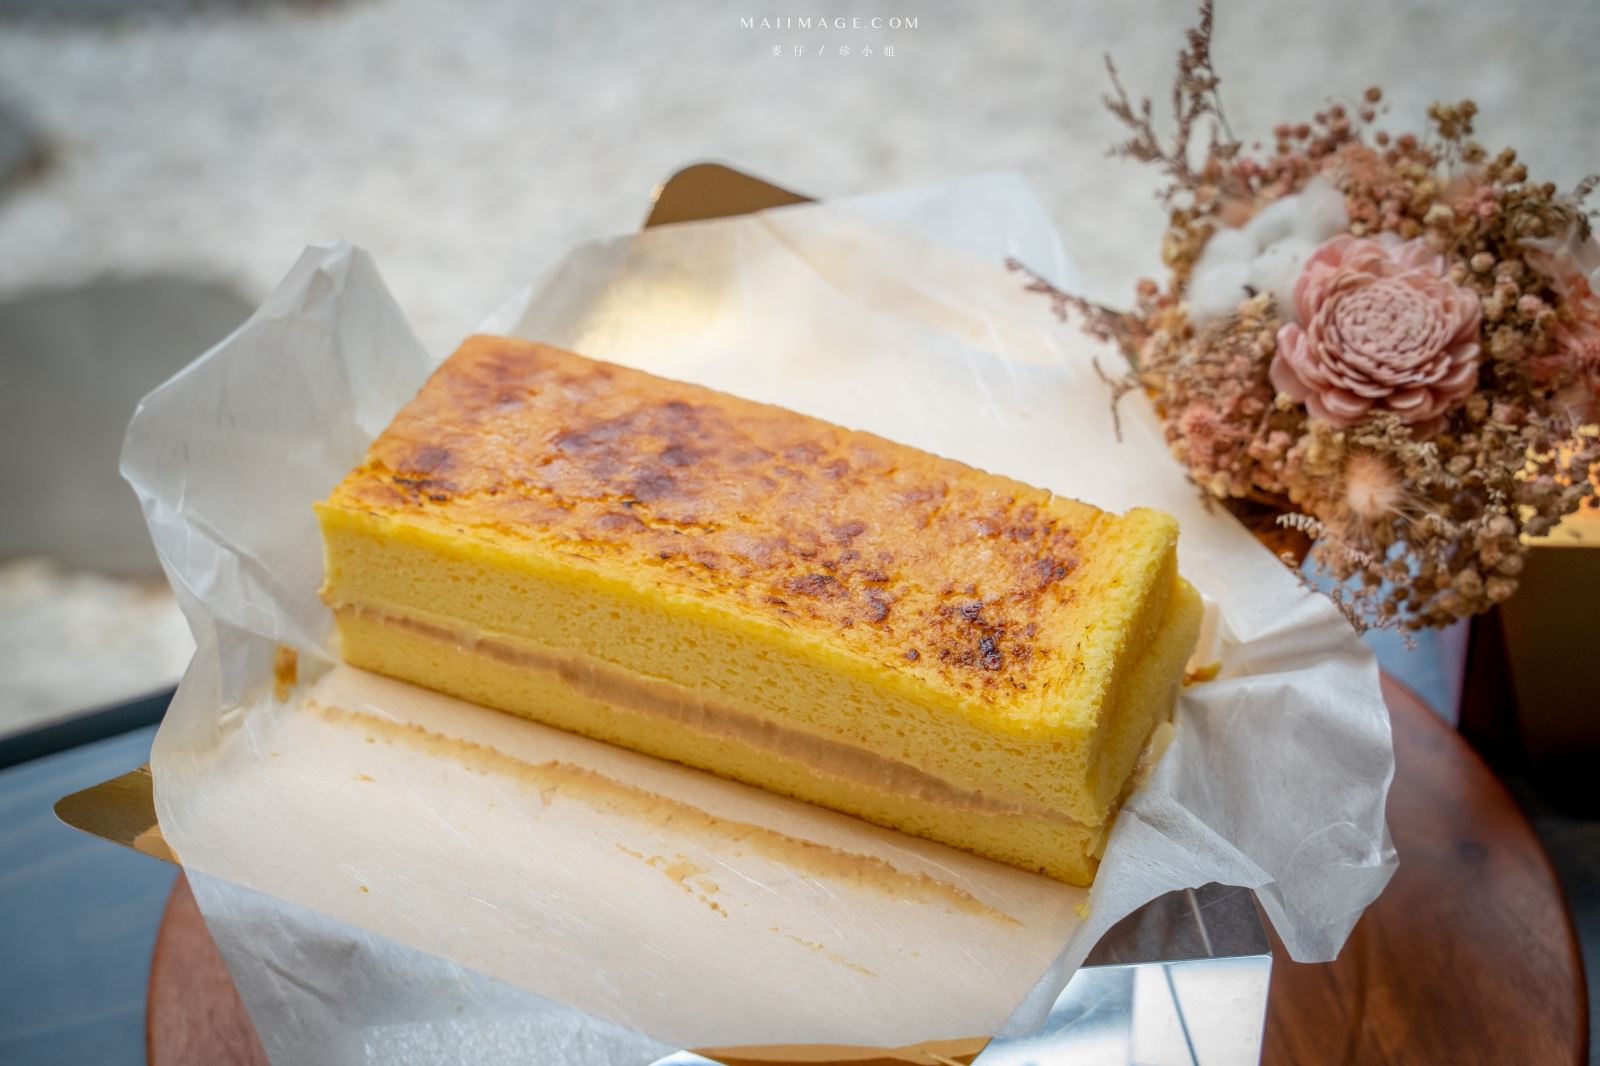 費時一年研發的東京牛奶燒!必吃。名模、球星指定彌月蛋糕品牌~東京巴黎甜點 台北甜點推薦